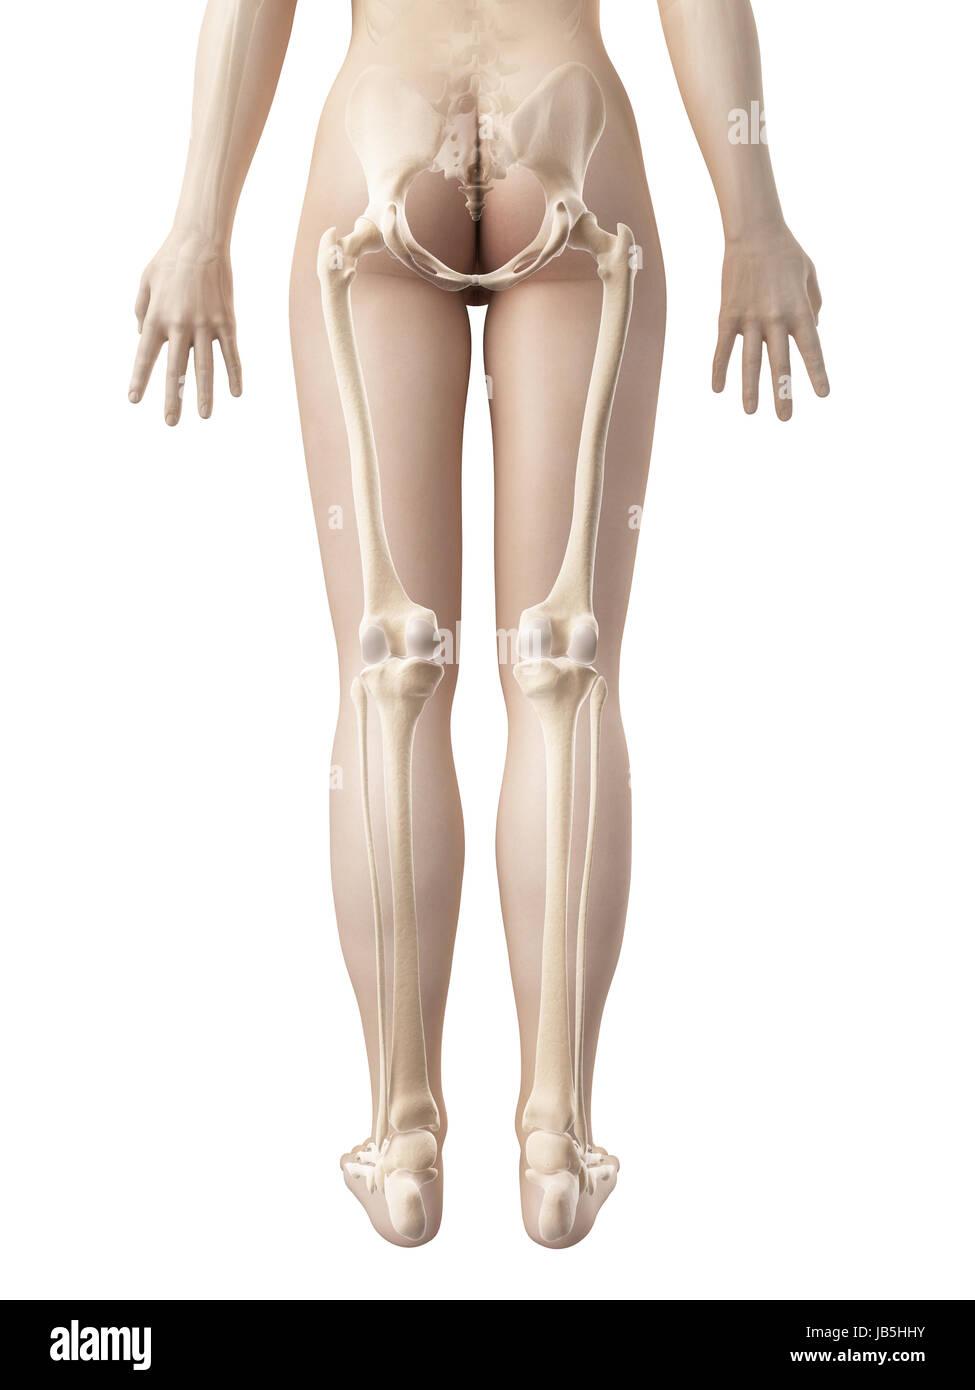 weibliche Beinknochen Stockfoto, Bild: 144567751 - Alamy